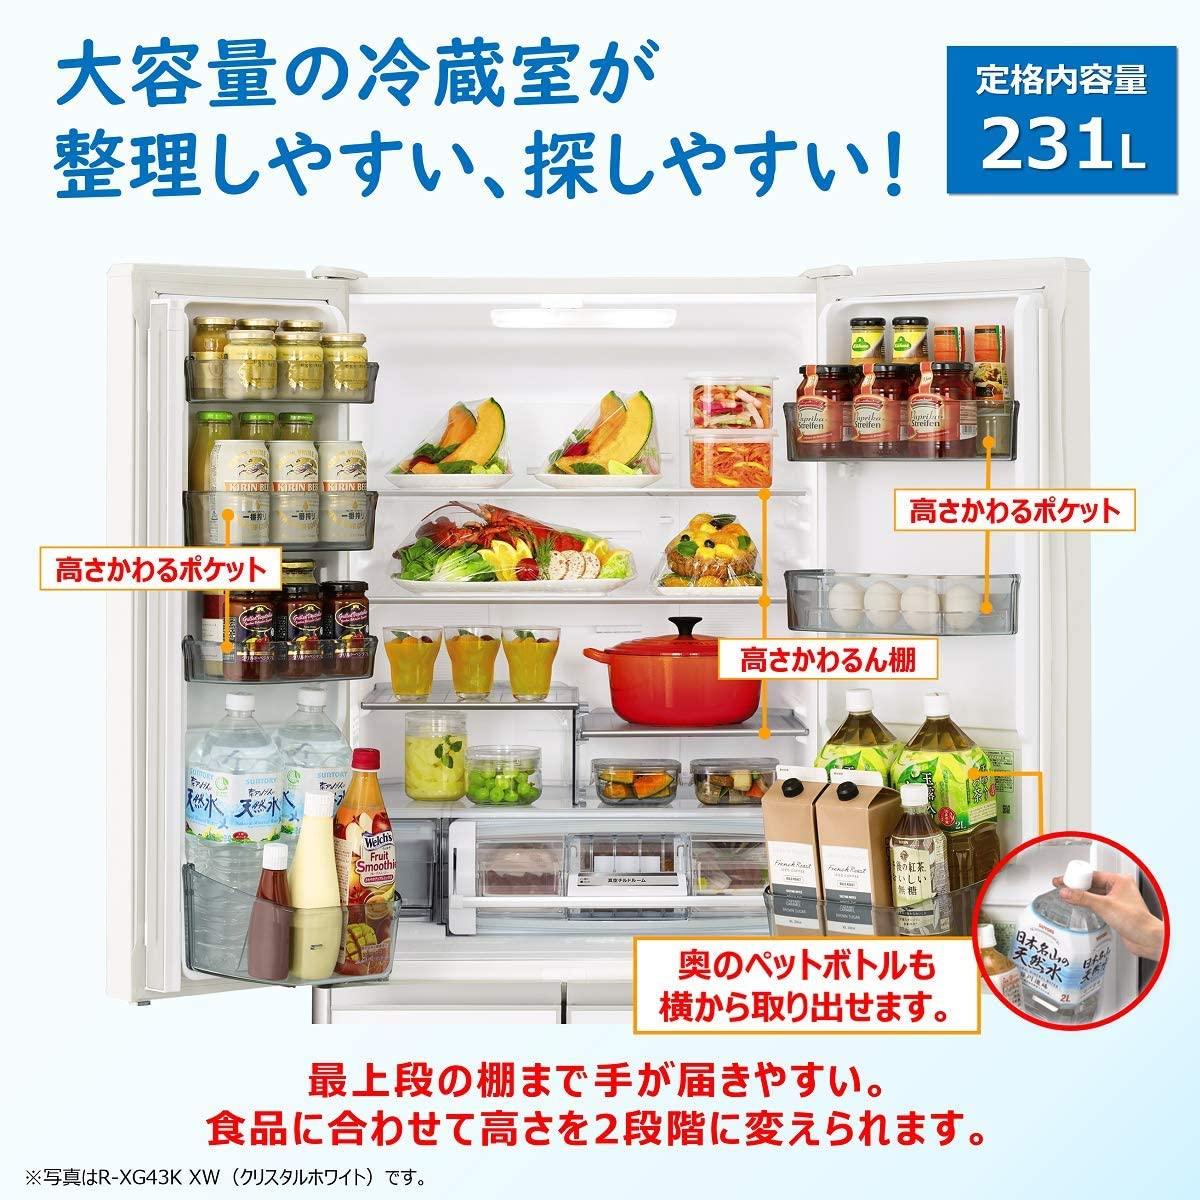 日立(ひたち)430L 6ドア冷蔵庫 R-XG43Kの商品画像3